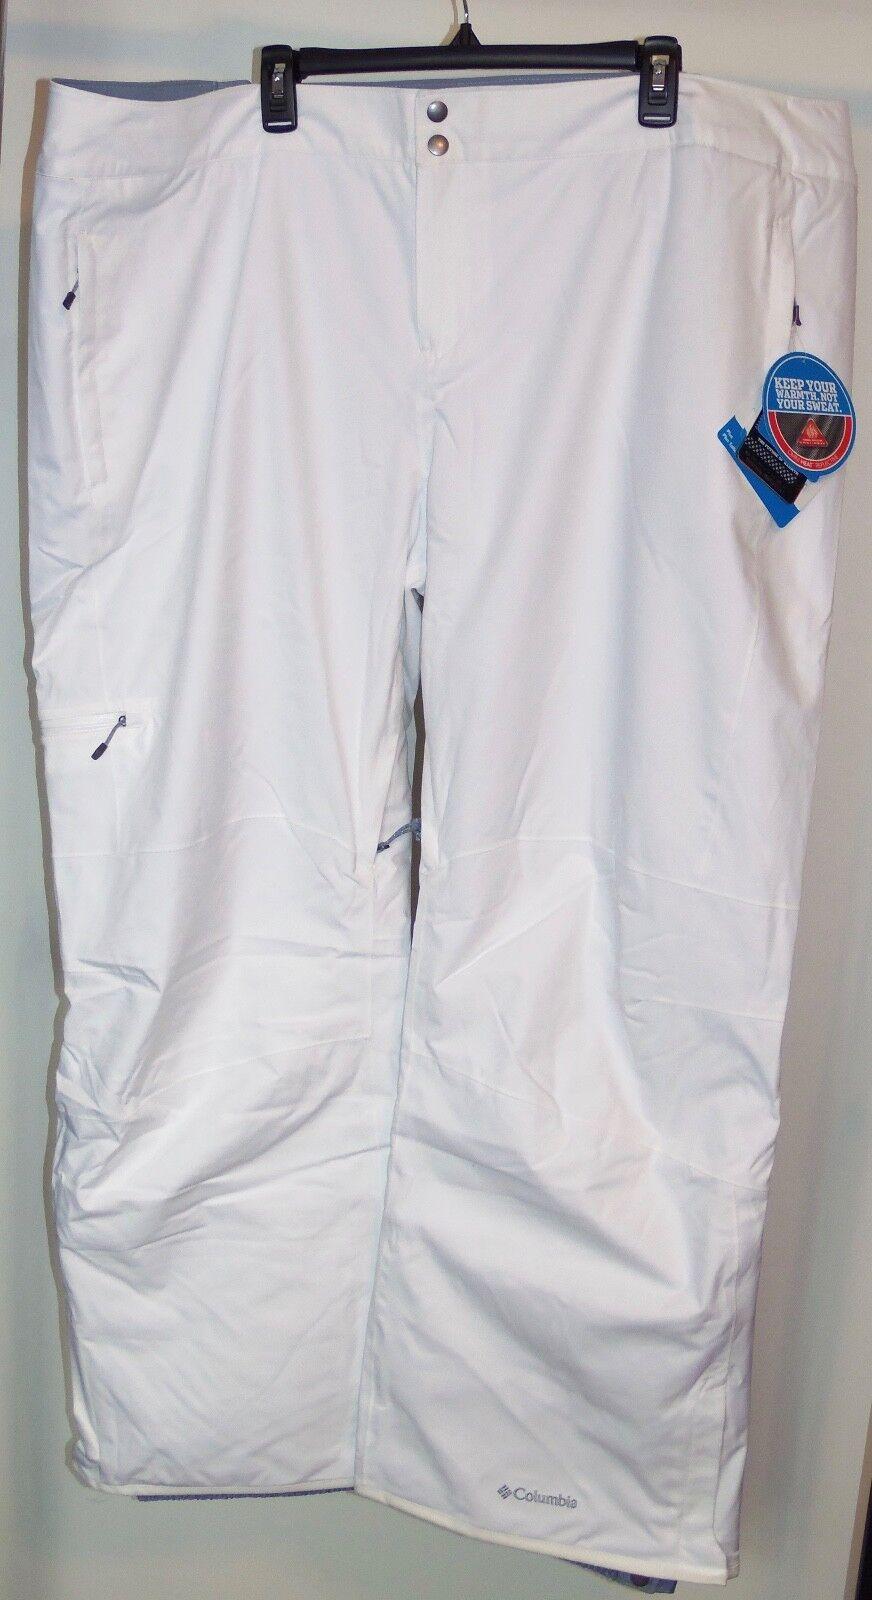 New 3X Columbia 3X New Snow Pants Omni Heat Thermal Reflective Lined Ski Winter Weiß 801dab